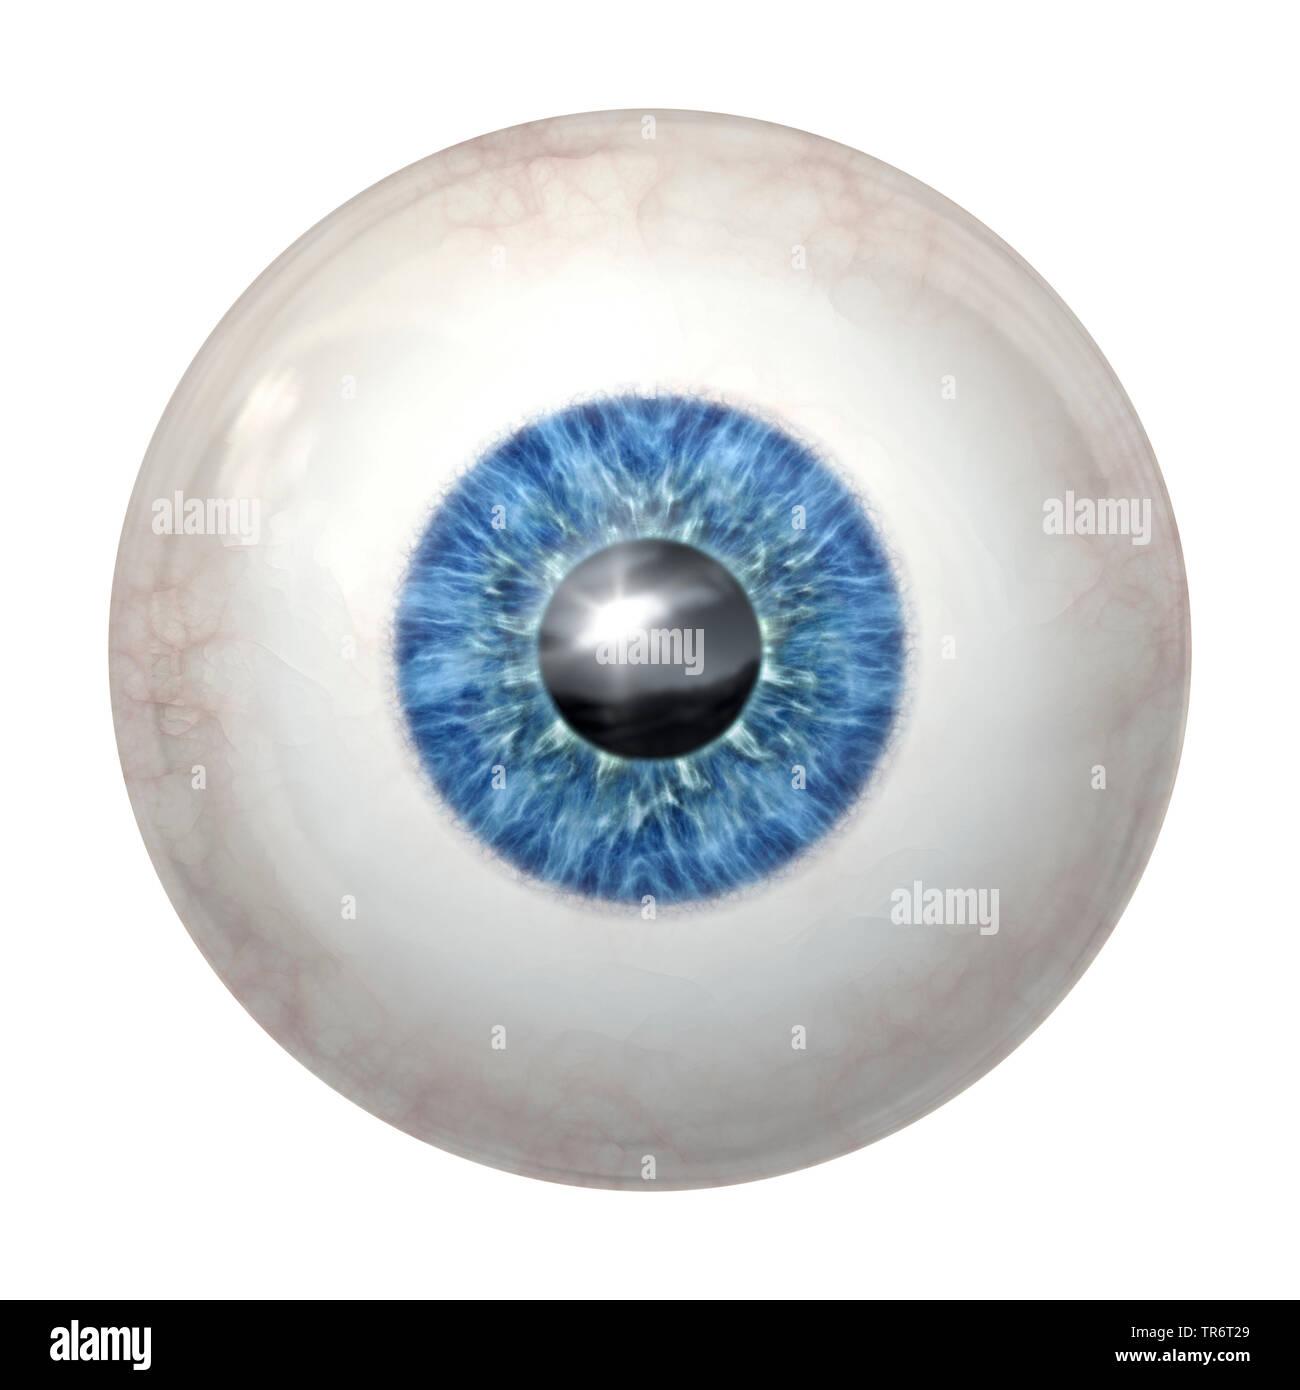 Persone, esseri umani, esseri umani (Homo sapiens sapiens), blue eye ball con tracciato di ritaglio Immagini Stock